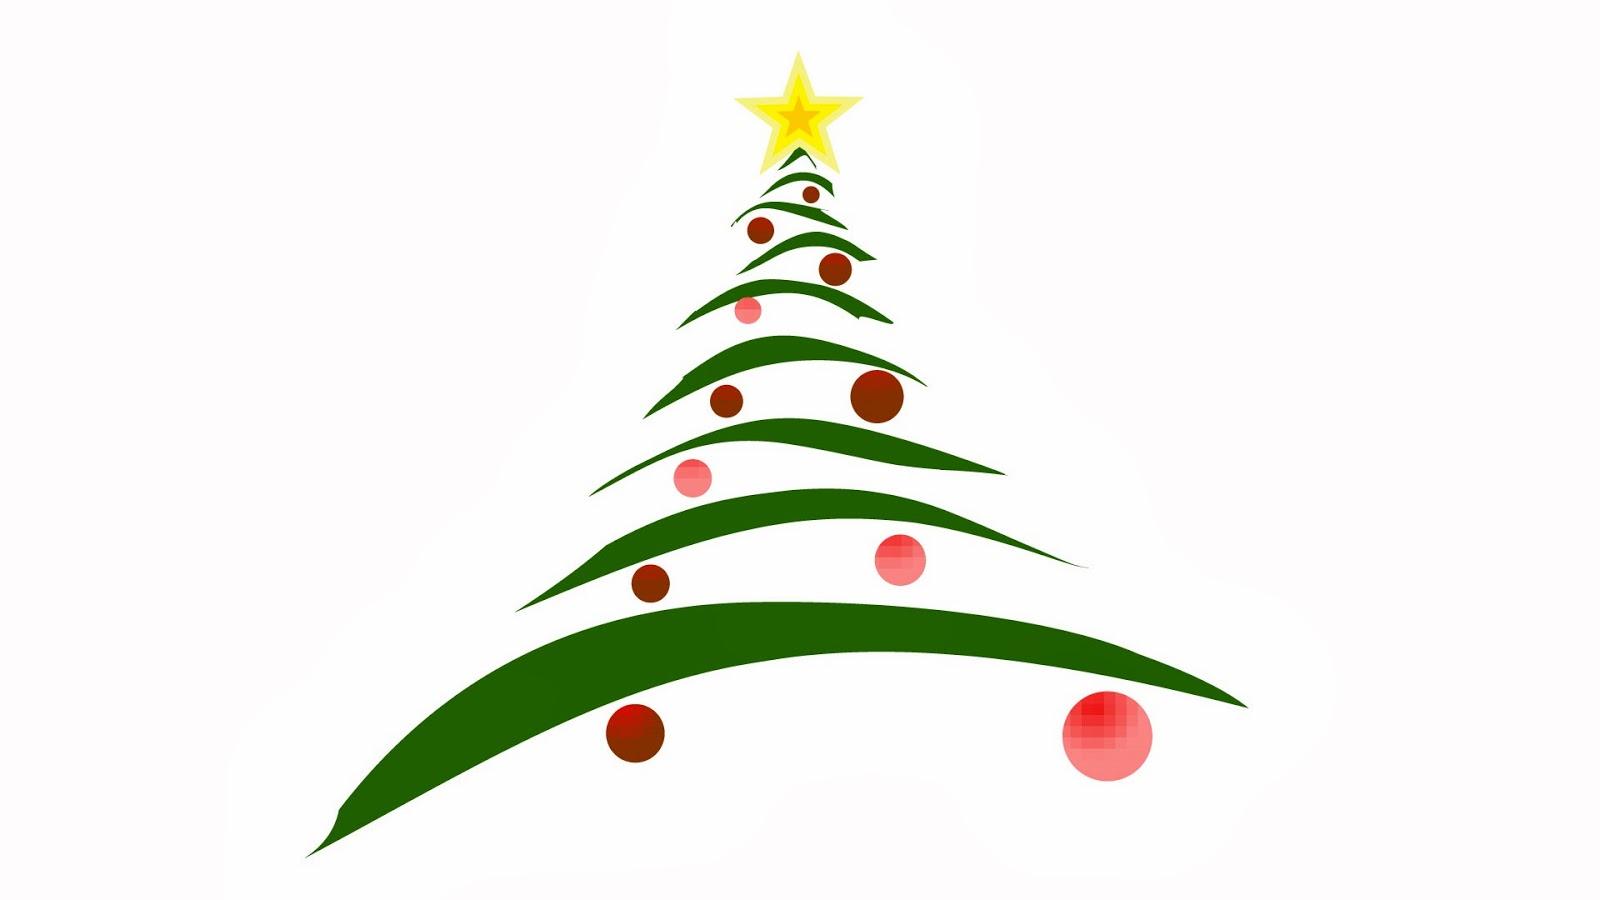 Imagenes hilandy fondo de pantalla navidad arbol de - Arbol de navidad de bolas ...